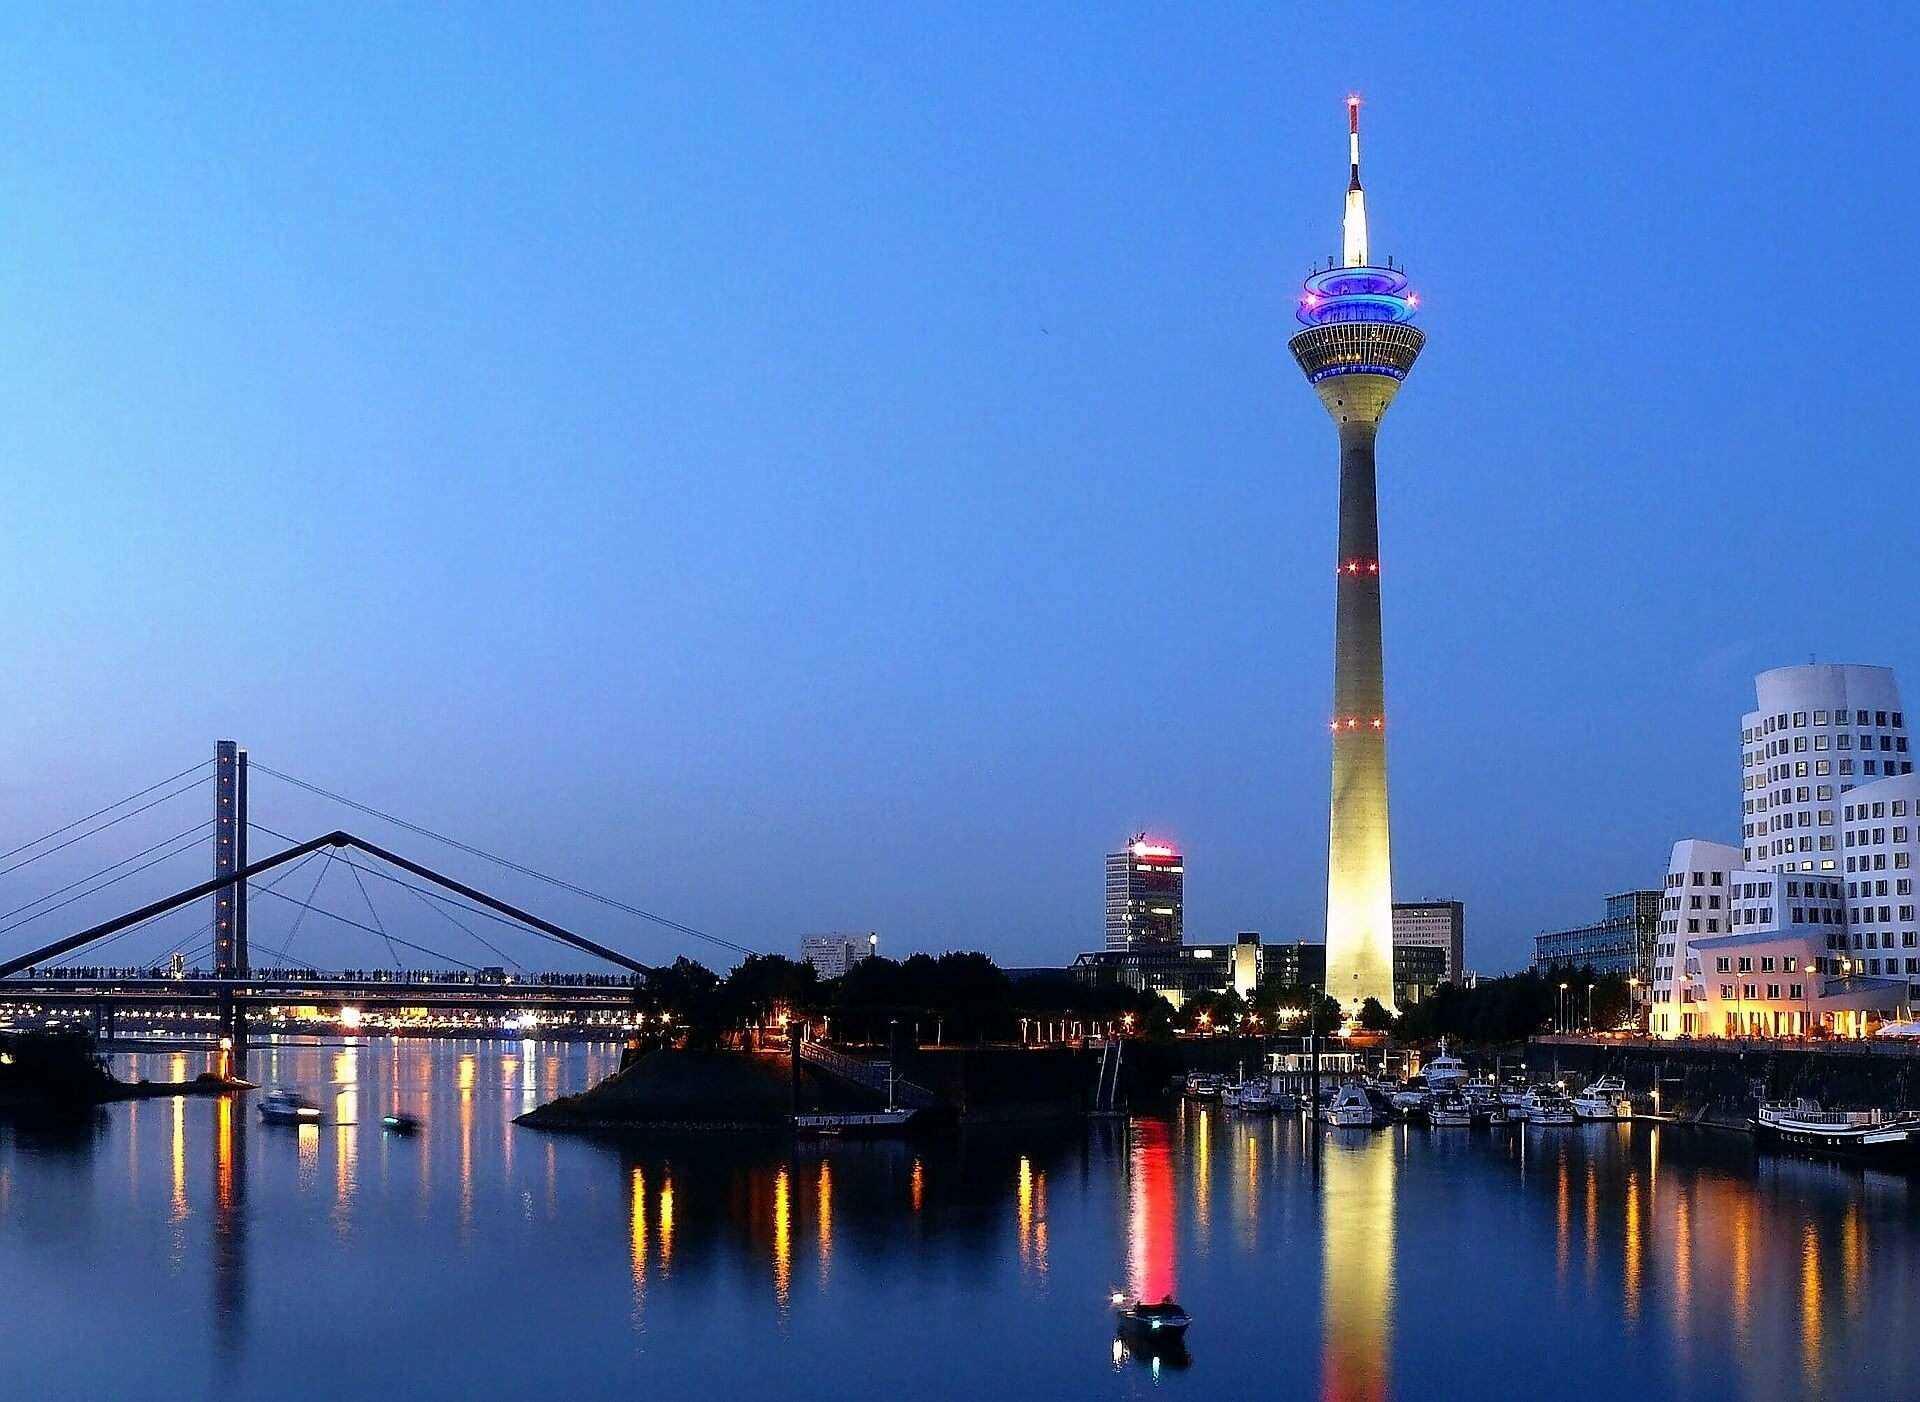 Direktflüge und Billigflüge ab Westerland/Sylt nach Düsseldorf